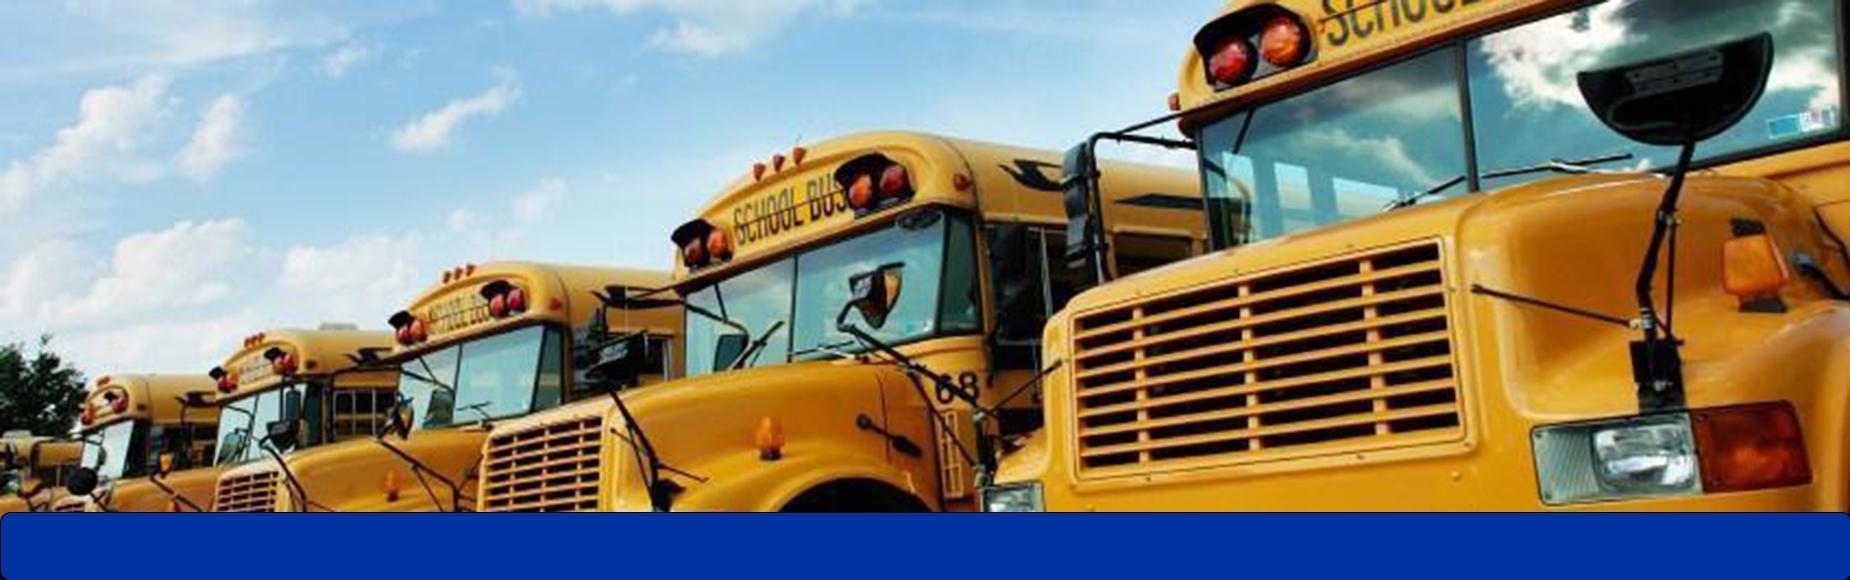 Transportation Services Banner Image